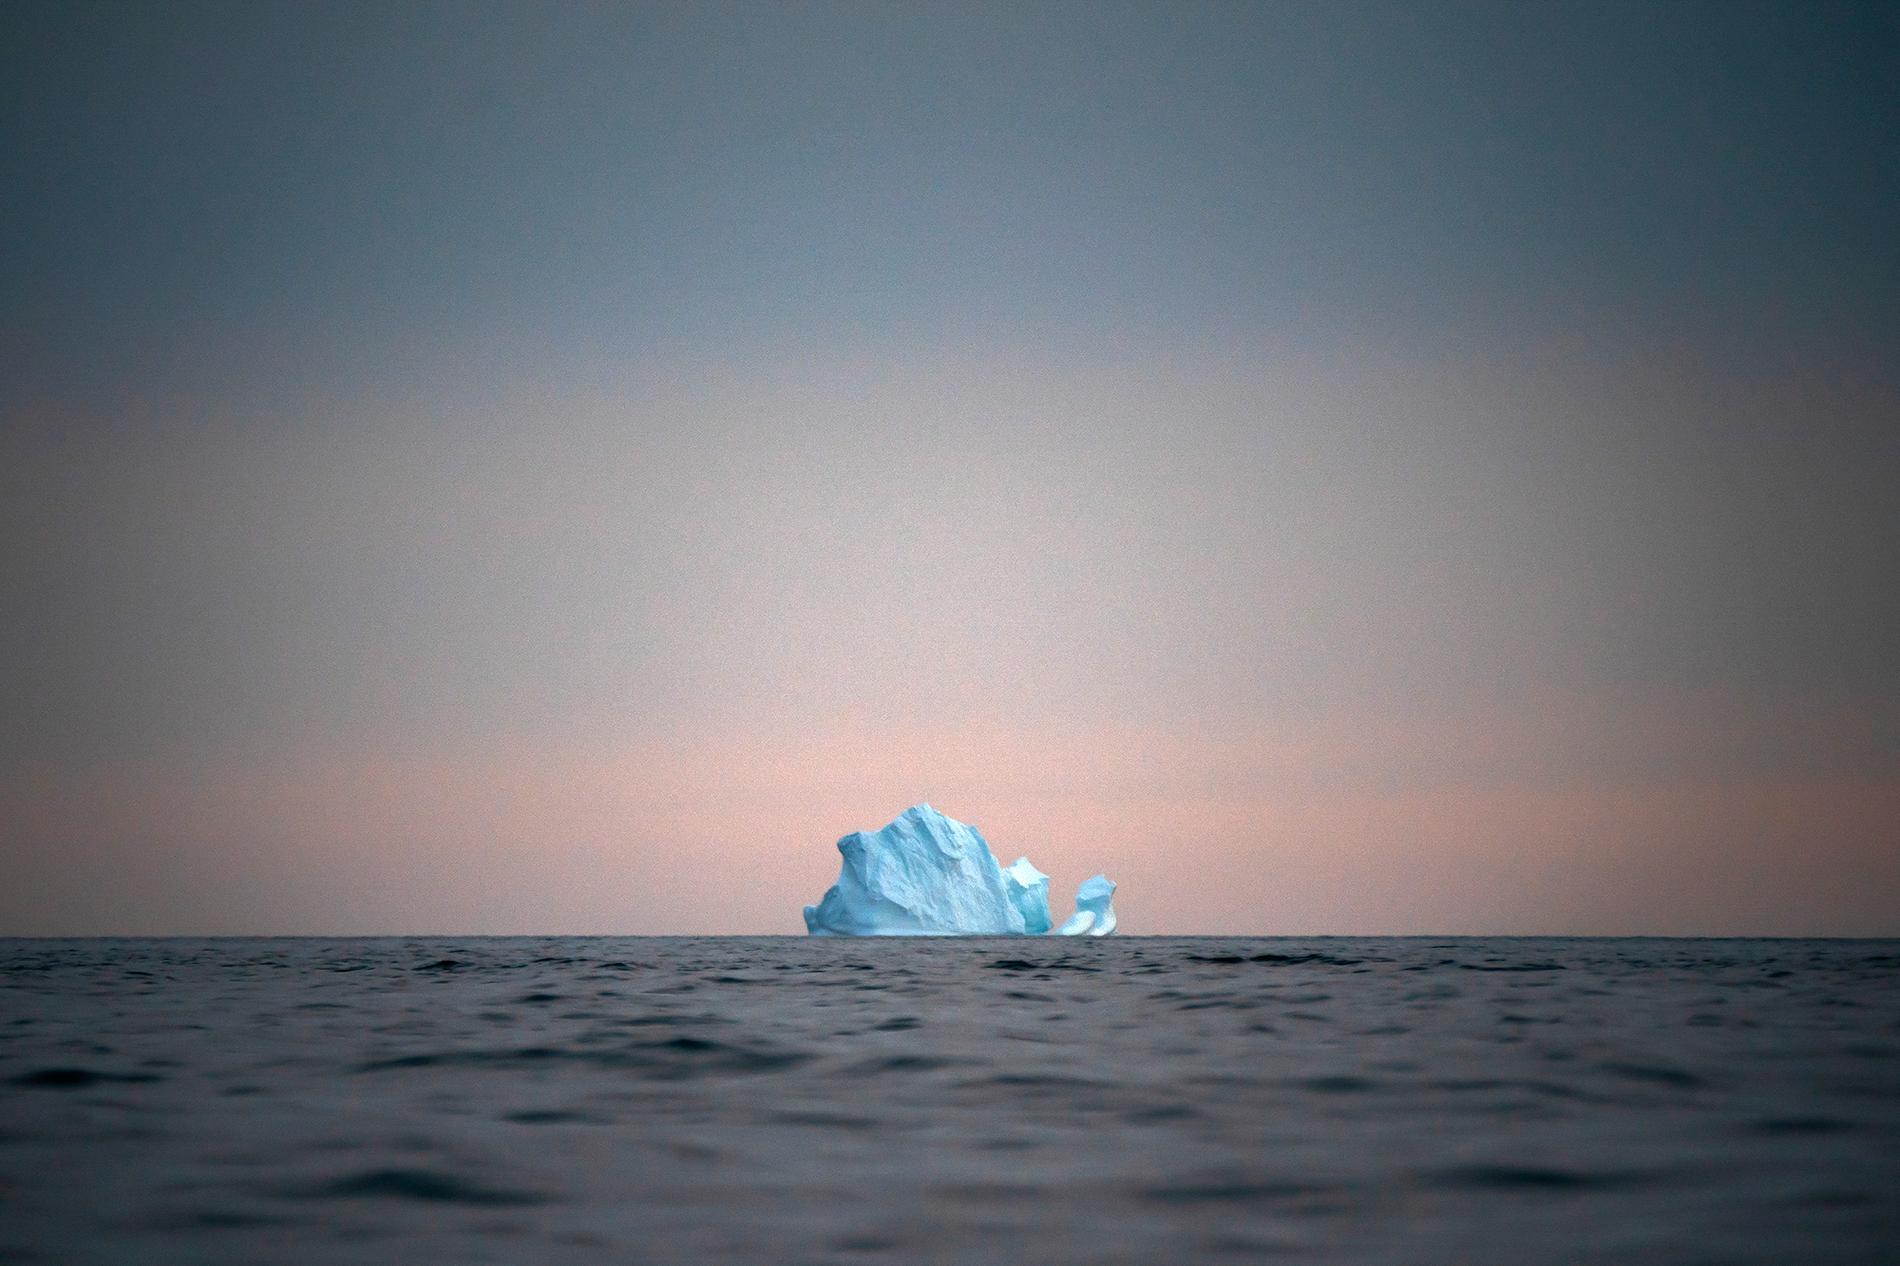 """En """"massiv avsmältningshändelse"""" pågår på Grönland, varnar danska forskare. Arkivbild."""